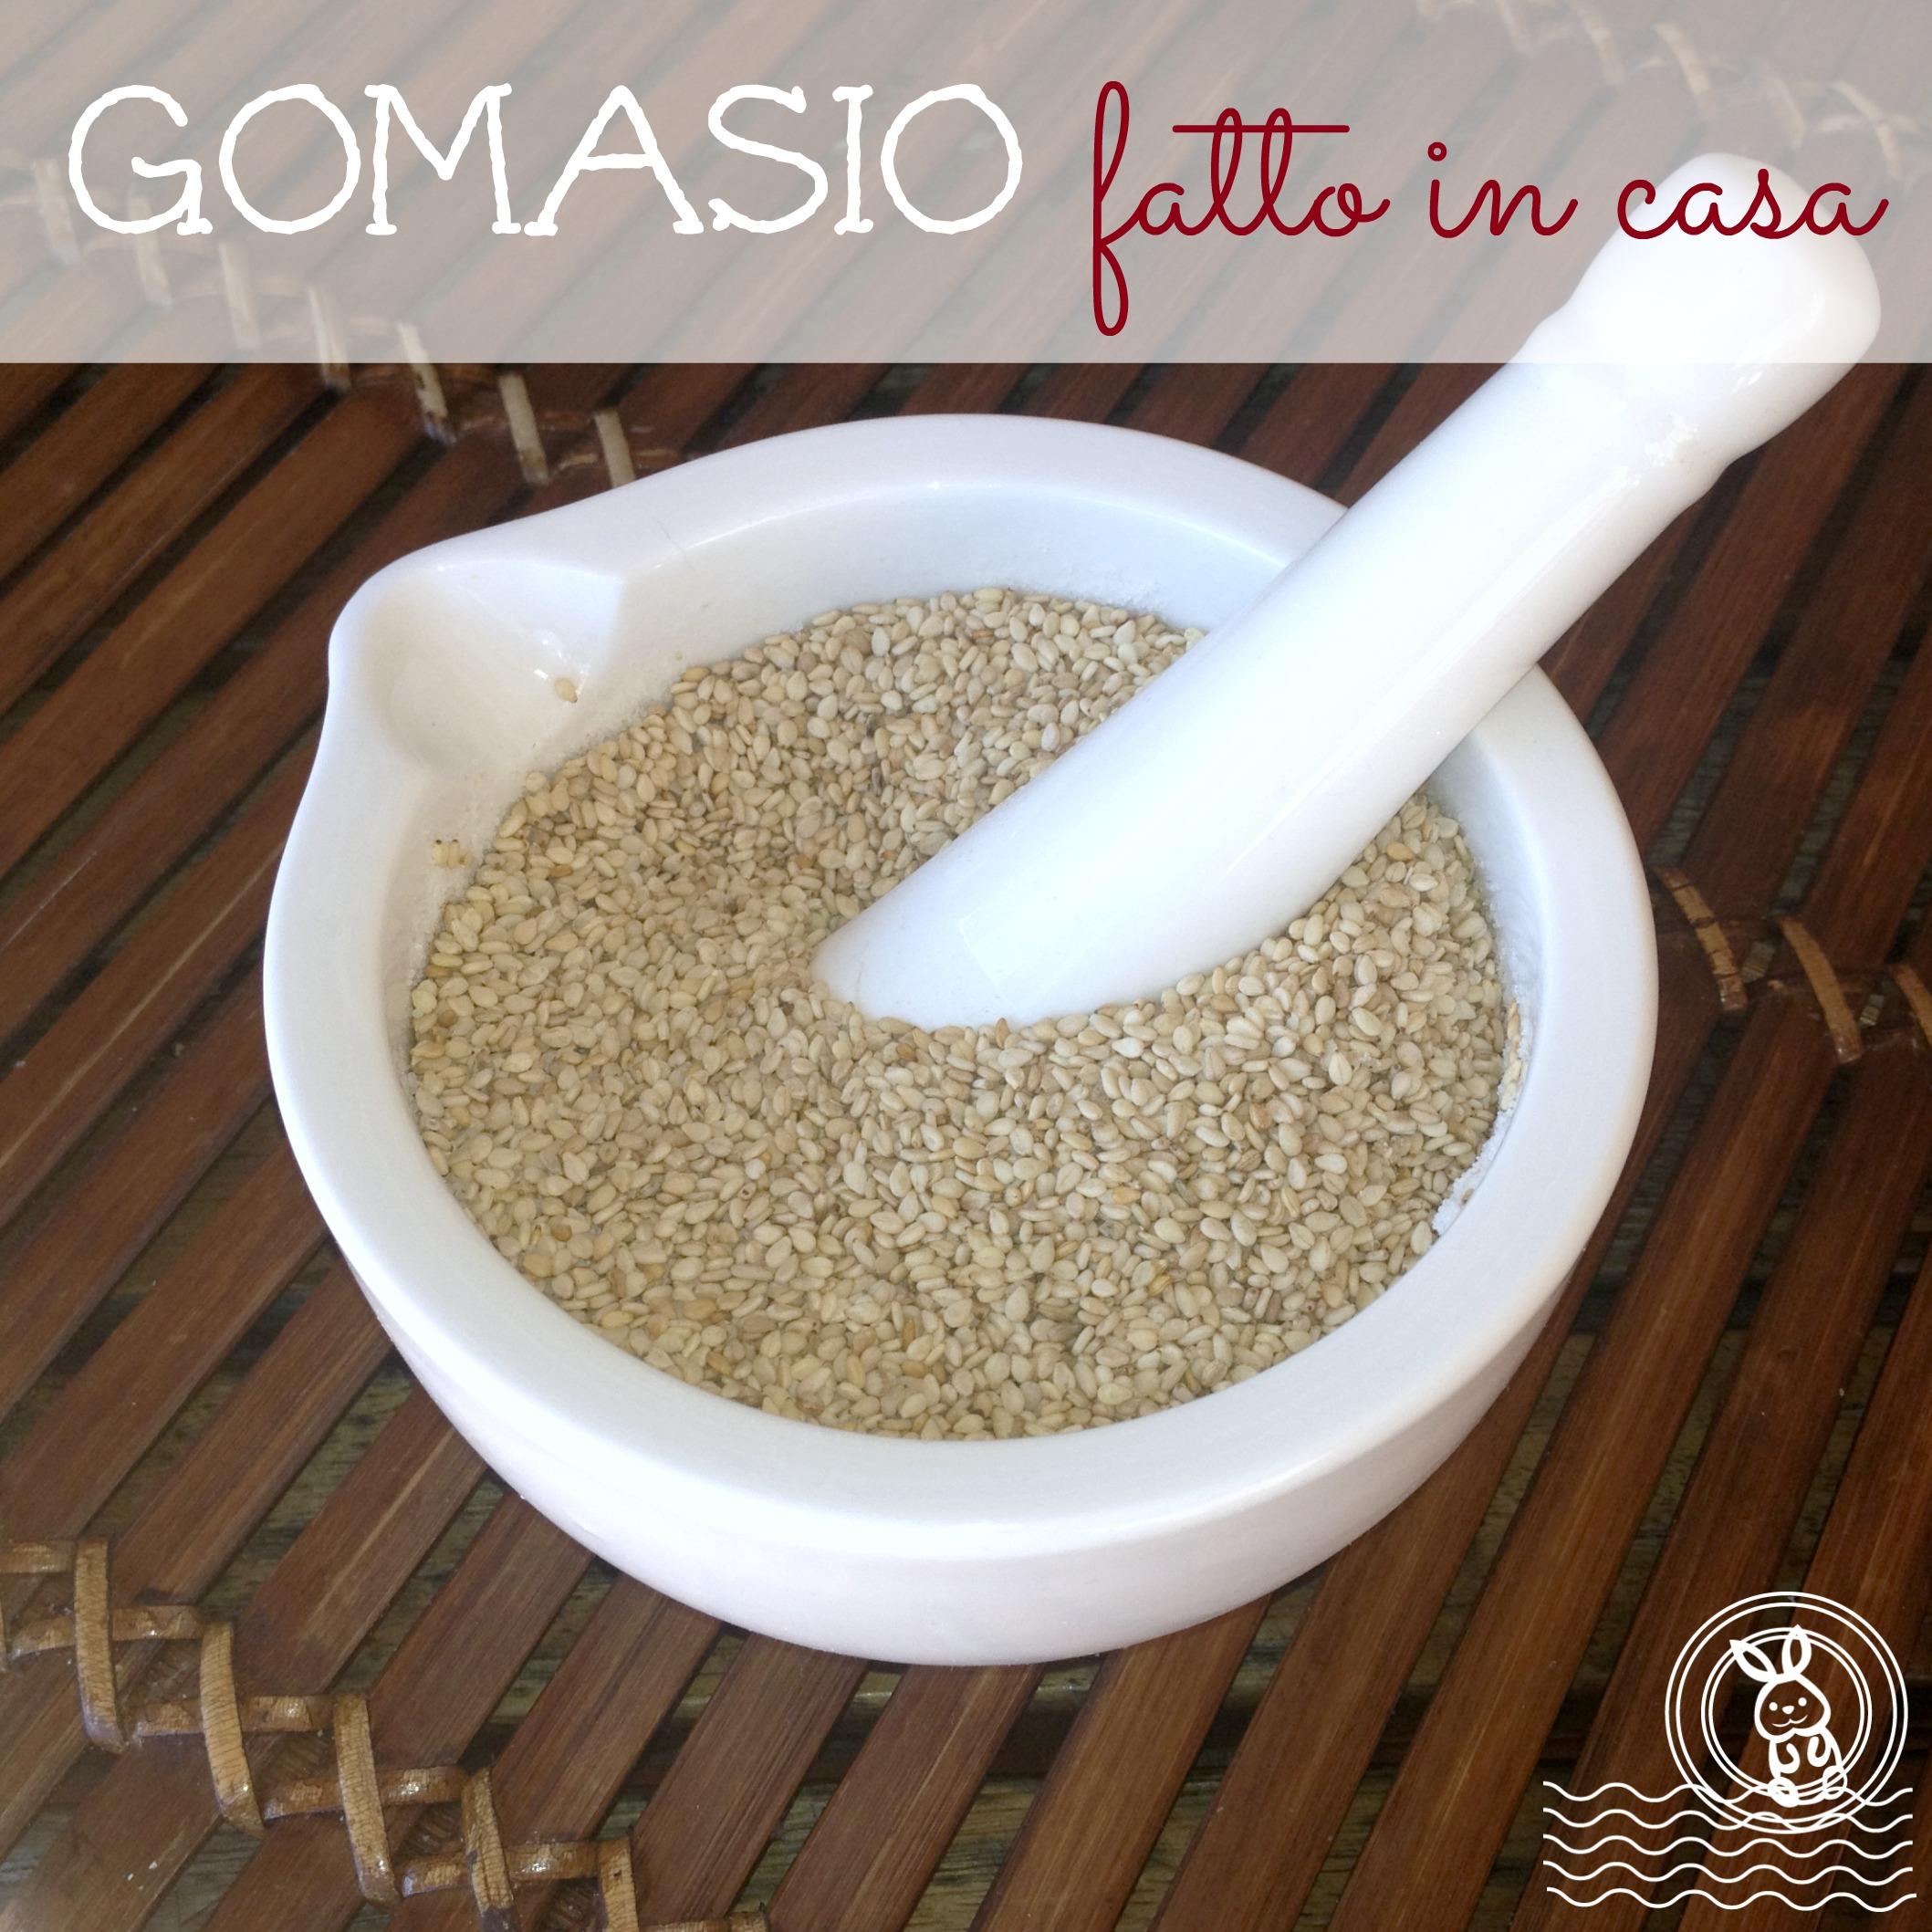 Gomasio-fatto-in-casa